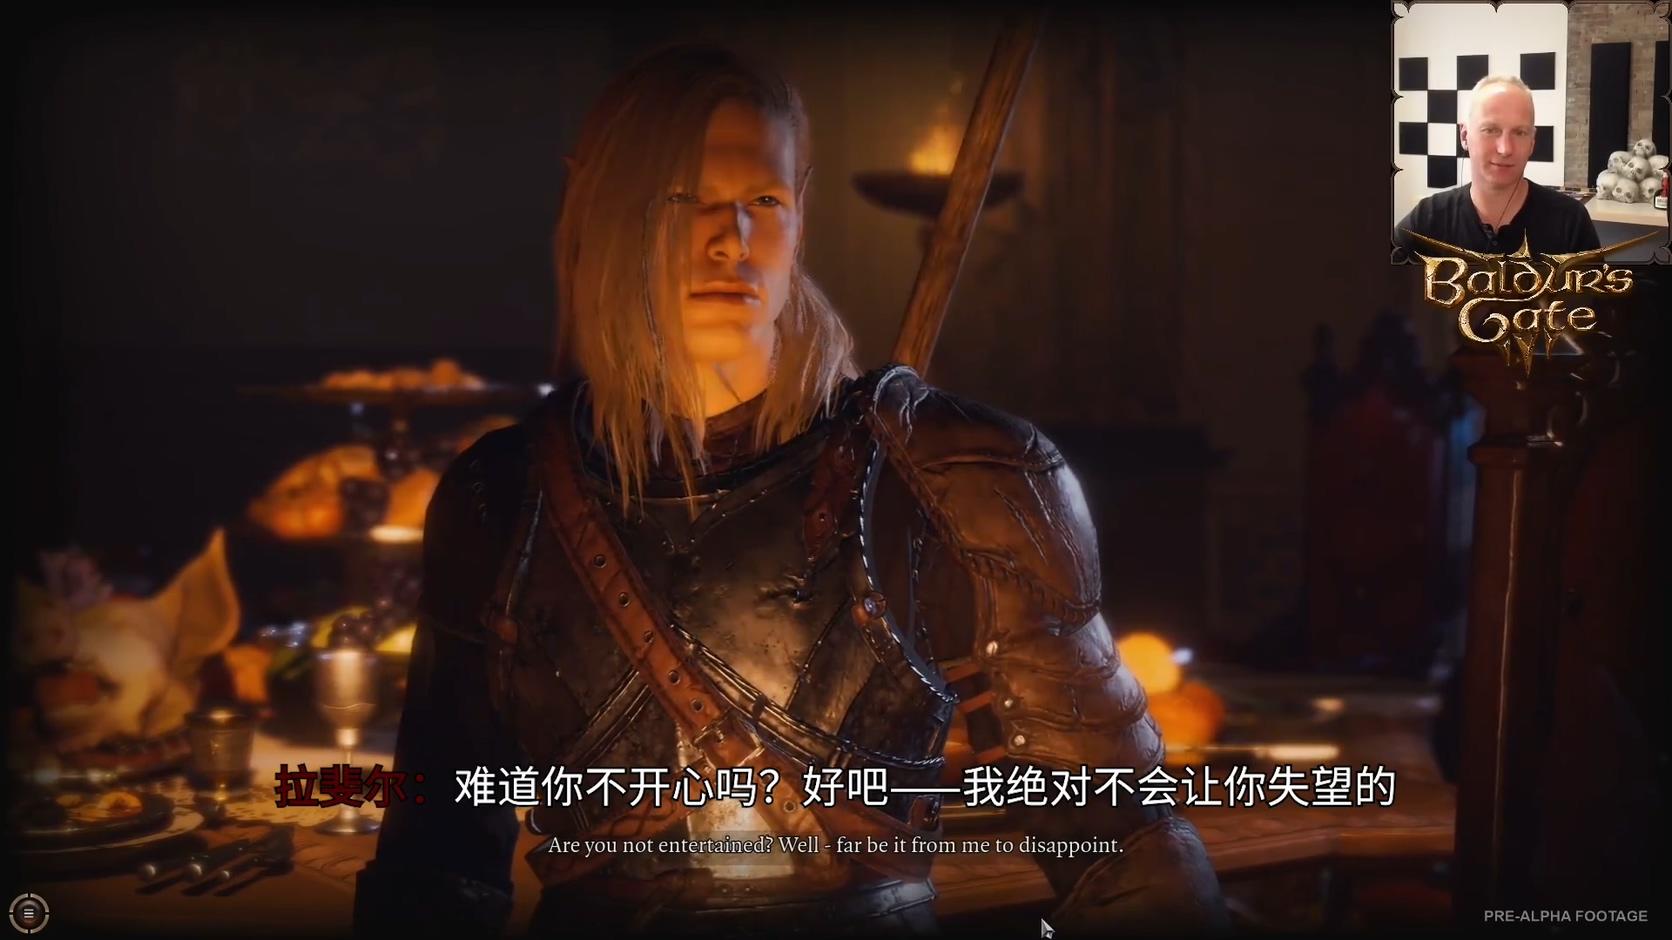 《博德之门3》26分钟实机演示公开 中文字幕